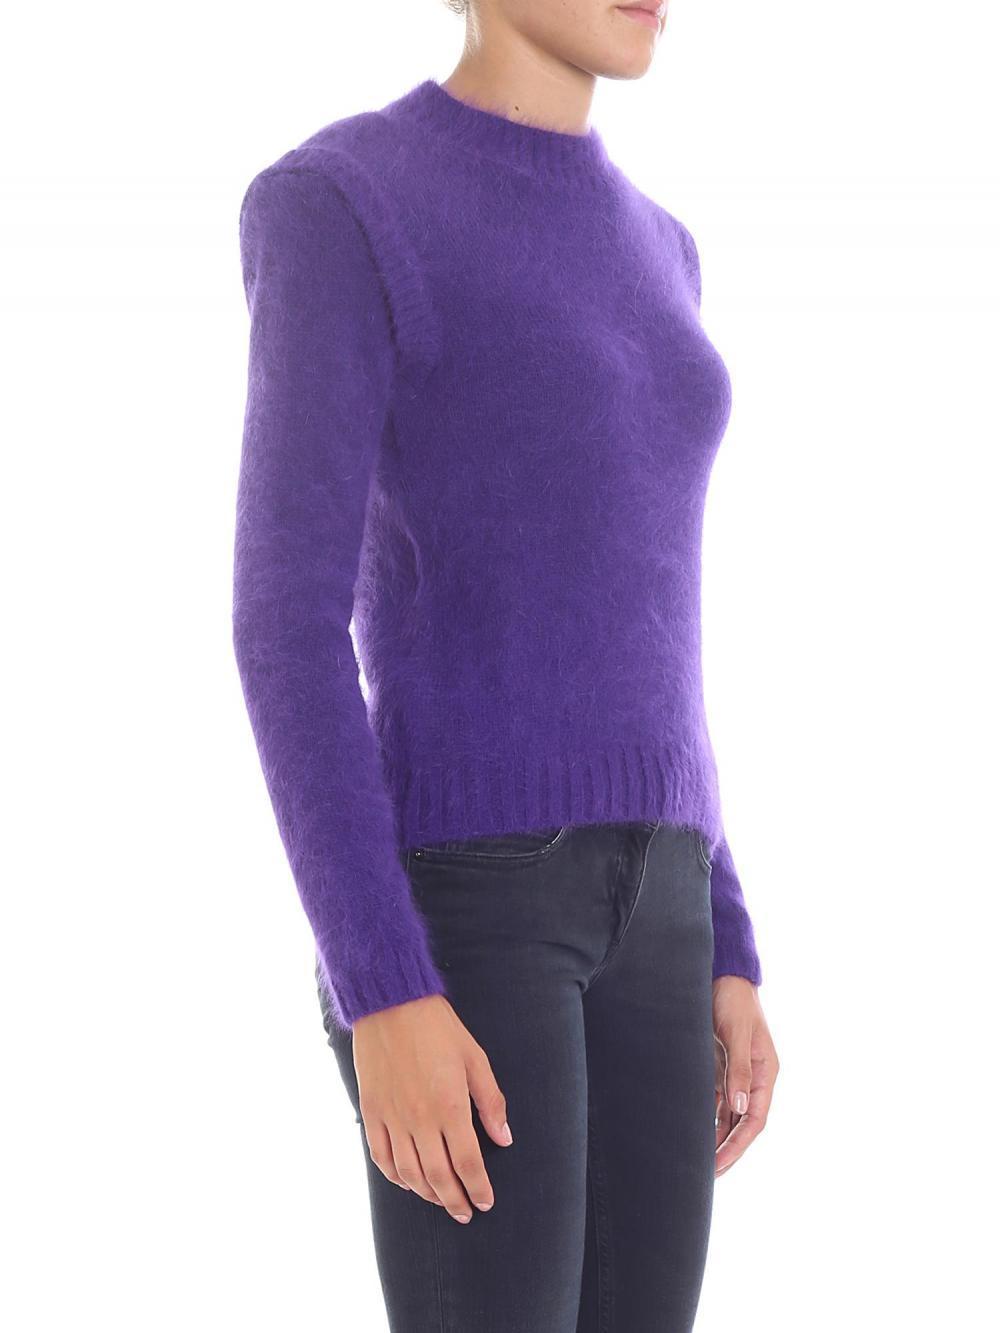 pullover-alberta-ferretti-donna-alberta-ferretti-cod-a0906